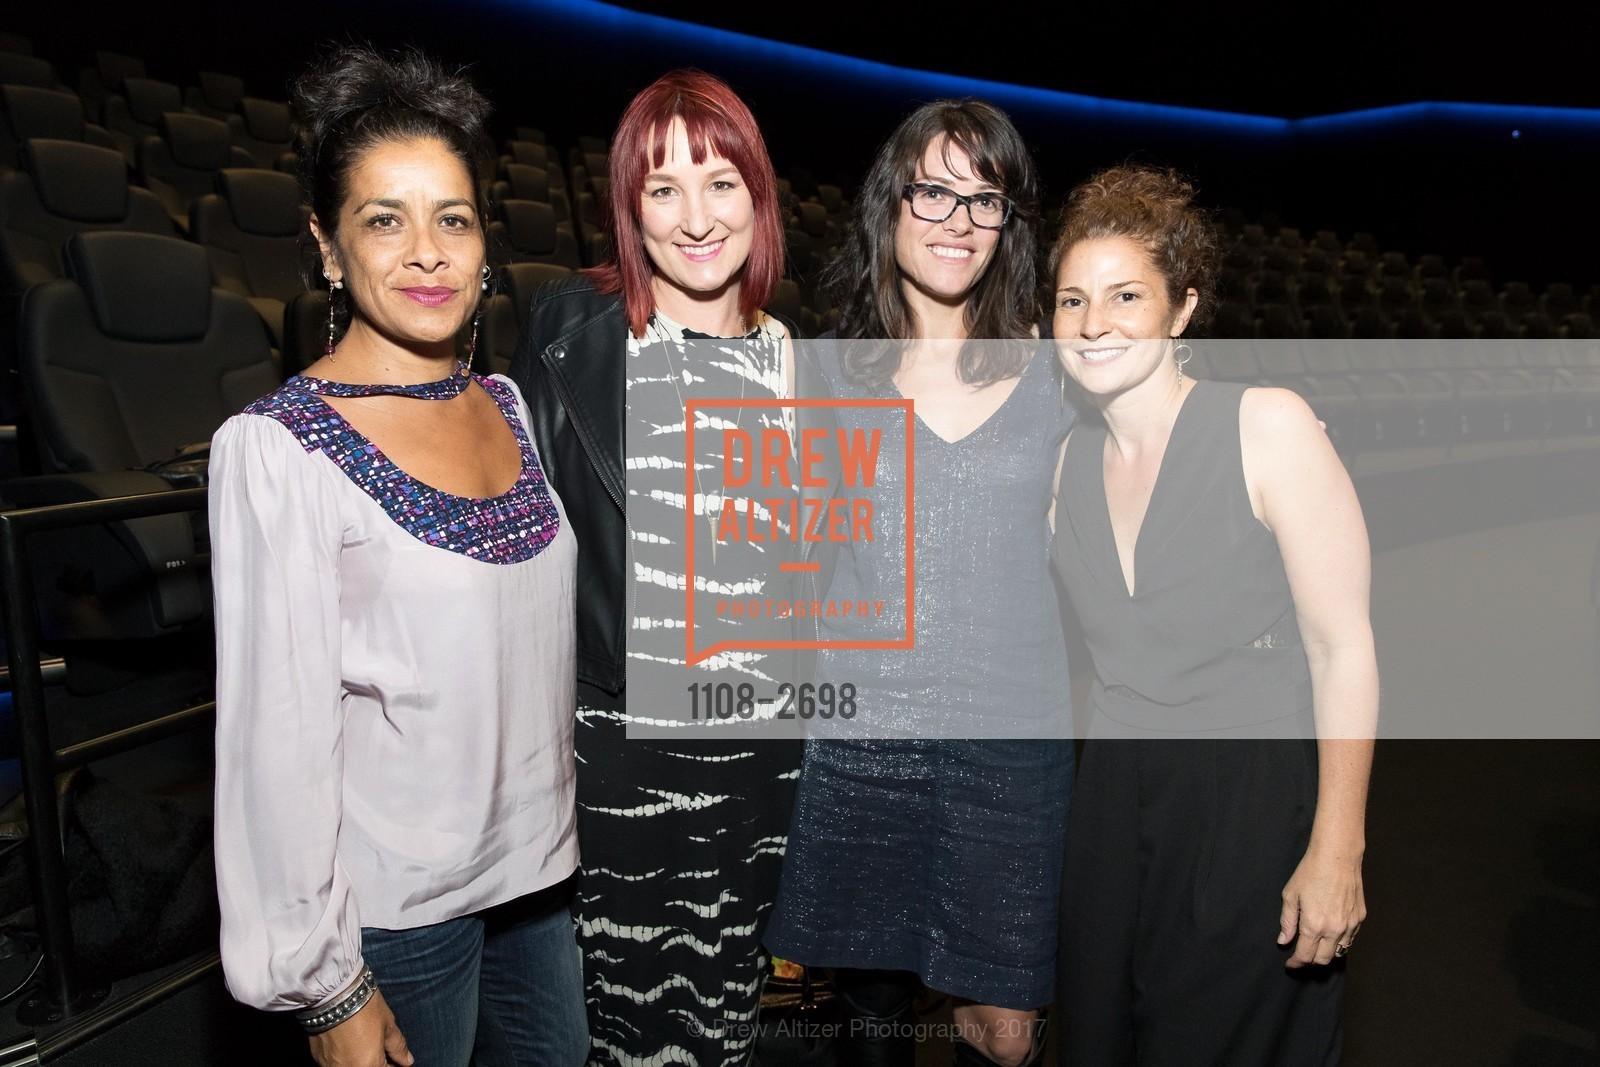 Vanessa Mellet, Kelly McVicker, Flor Hunt, Jill Tidman, Photo #1108-2698